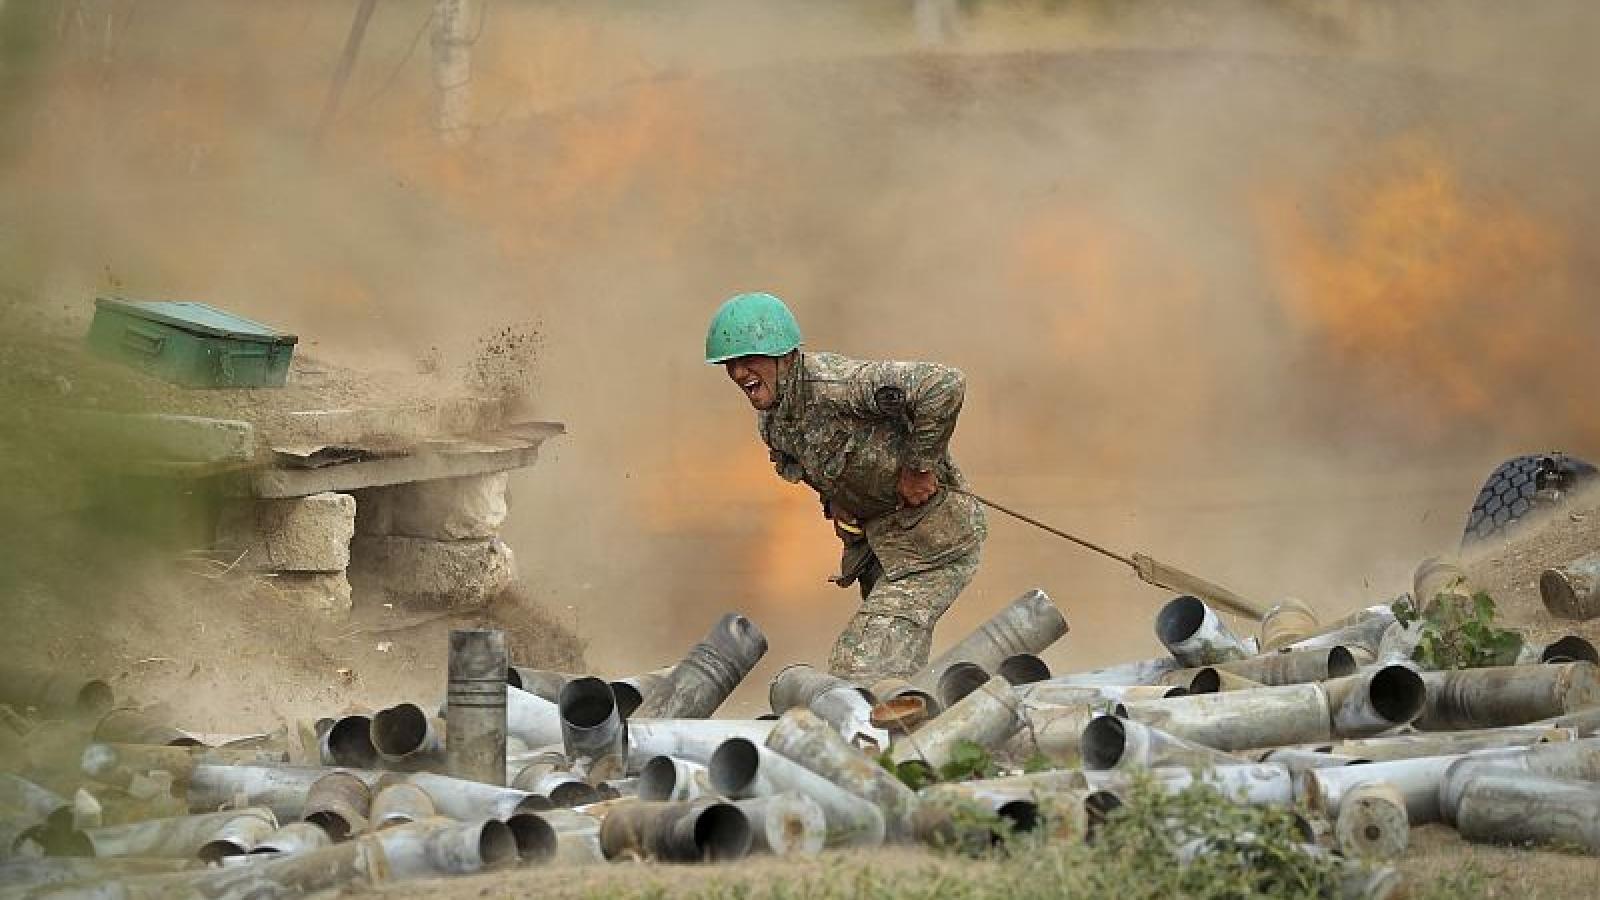 Xung đột tại Nagorno-Karabakh: Azerbaijan nêu điều kiện ngừng bắn